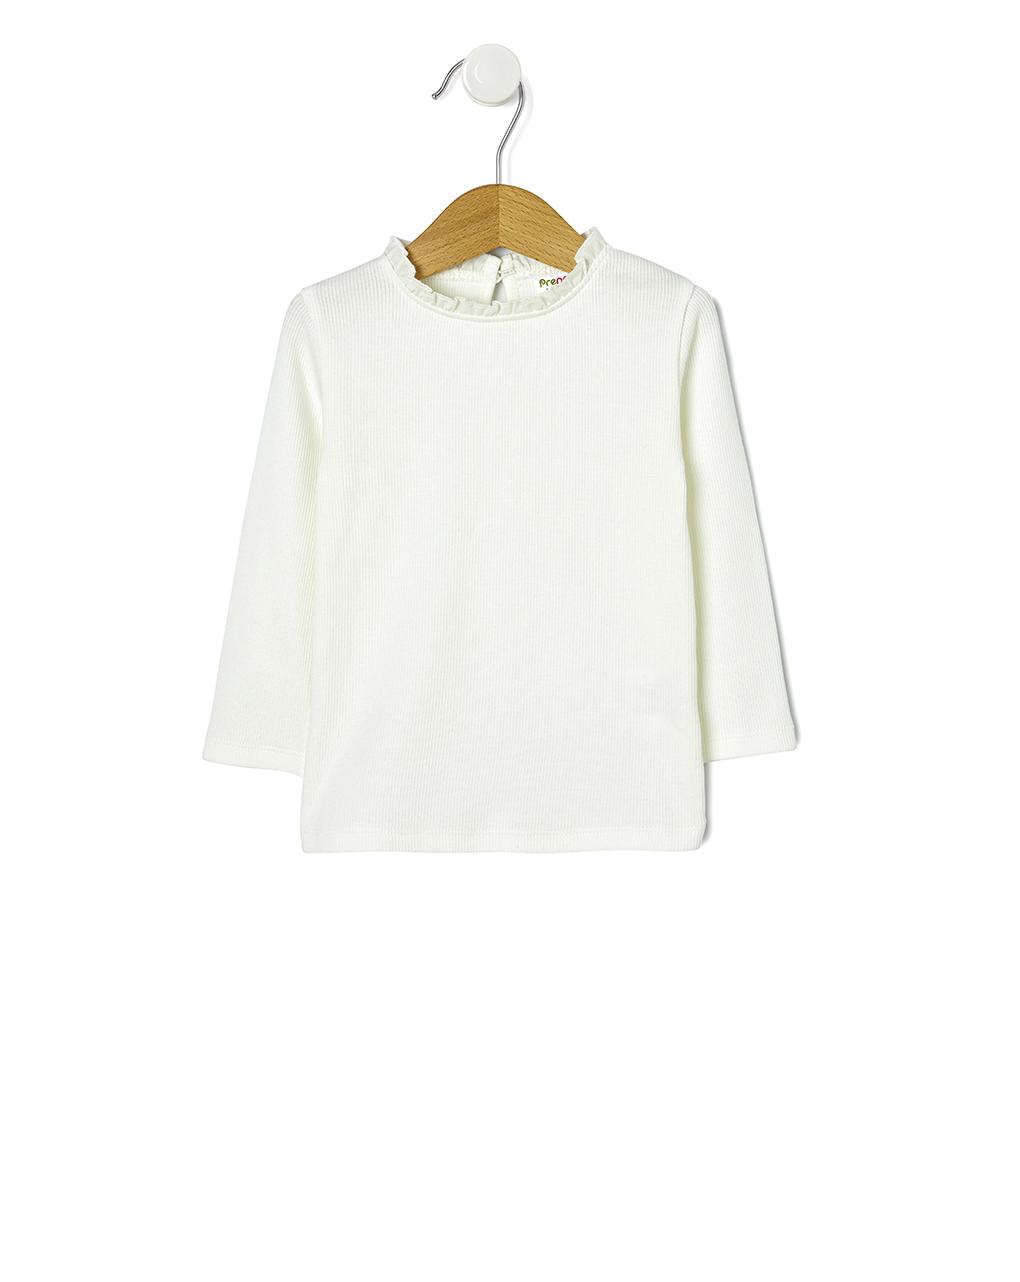 T-shirt Λευκό για Κορίτσι